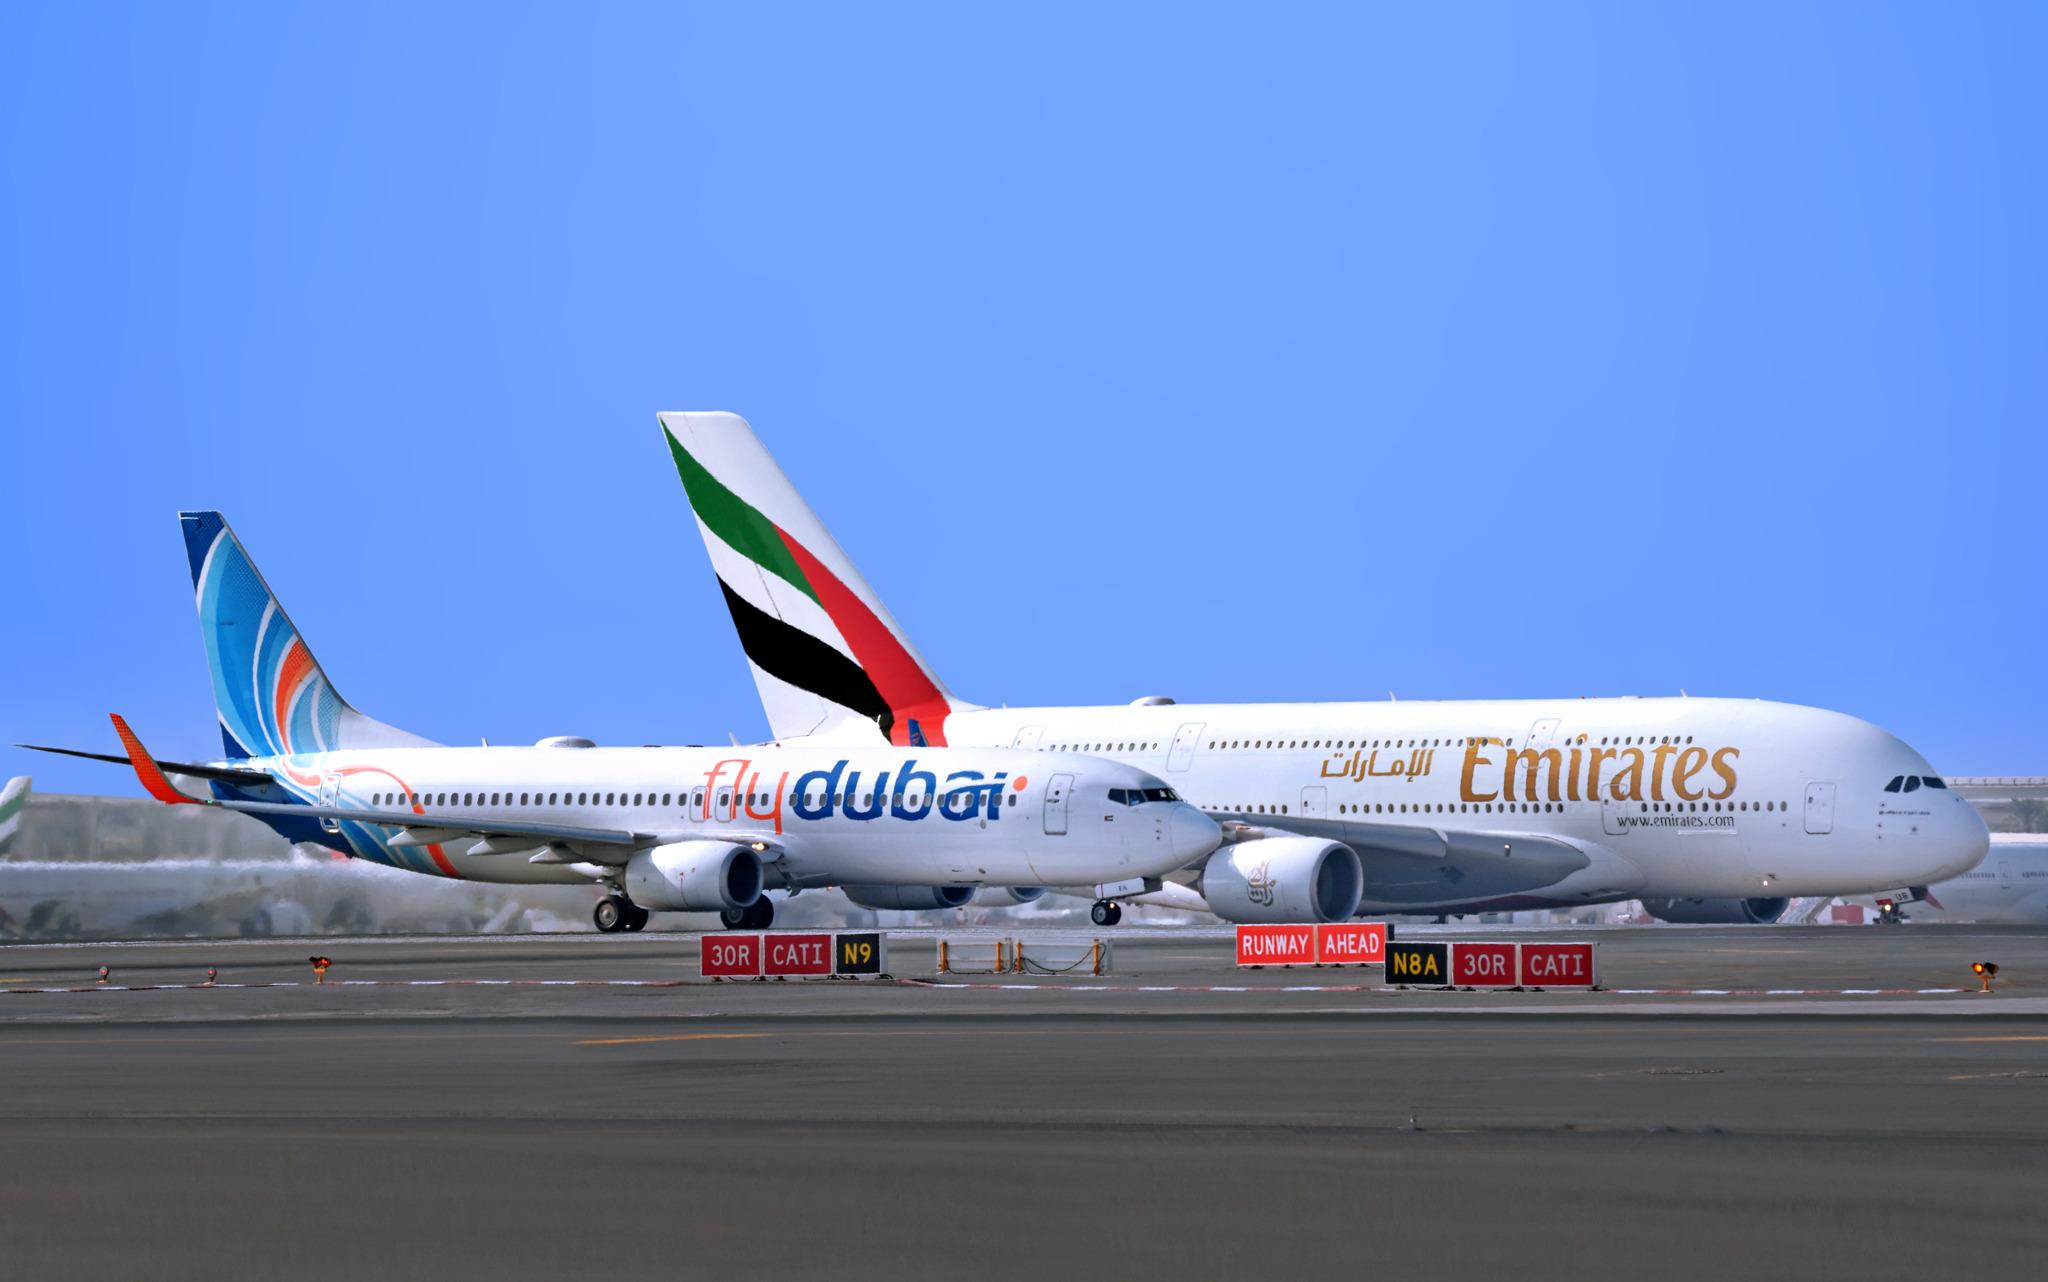 Билеты на самолет emirates в дубай купить дешевый авиабилет из москвы до калининграда на